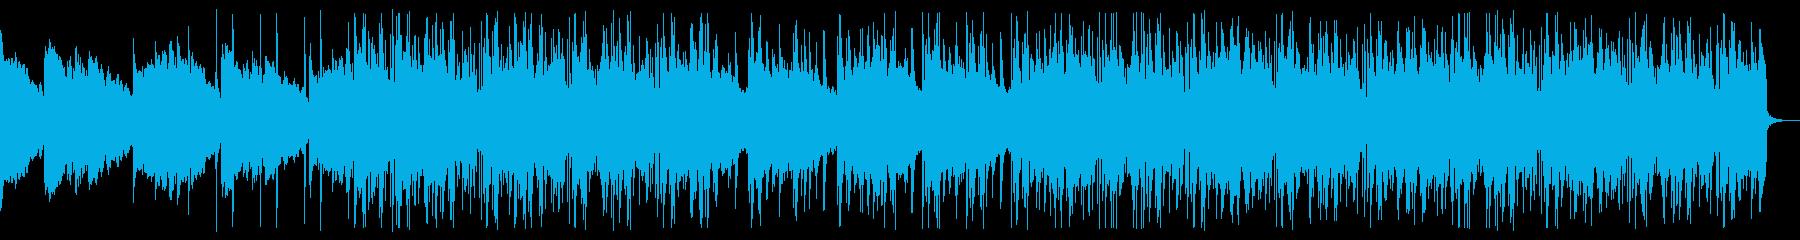 爽やか/落ち着き/R&B_No597_3の再生済みの波形